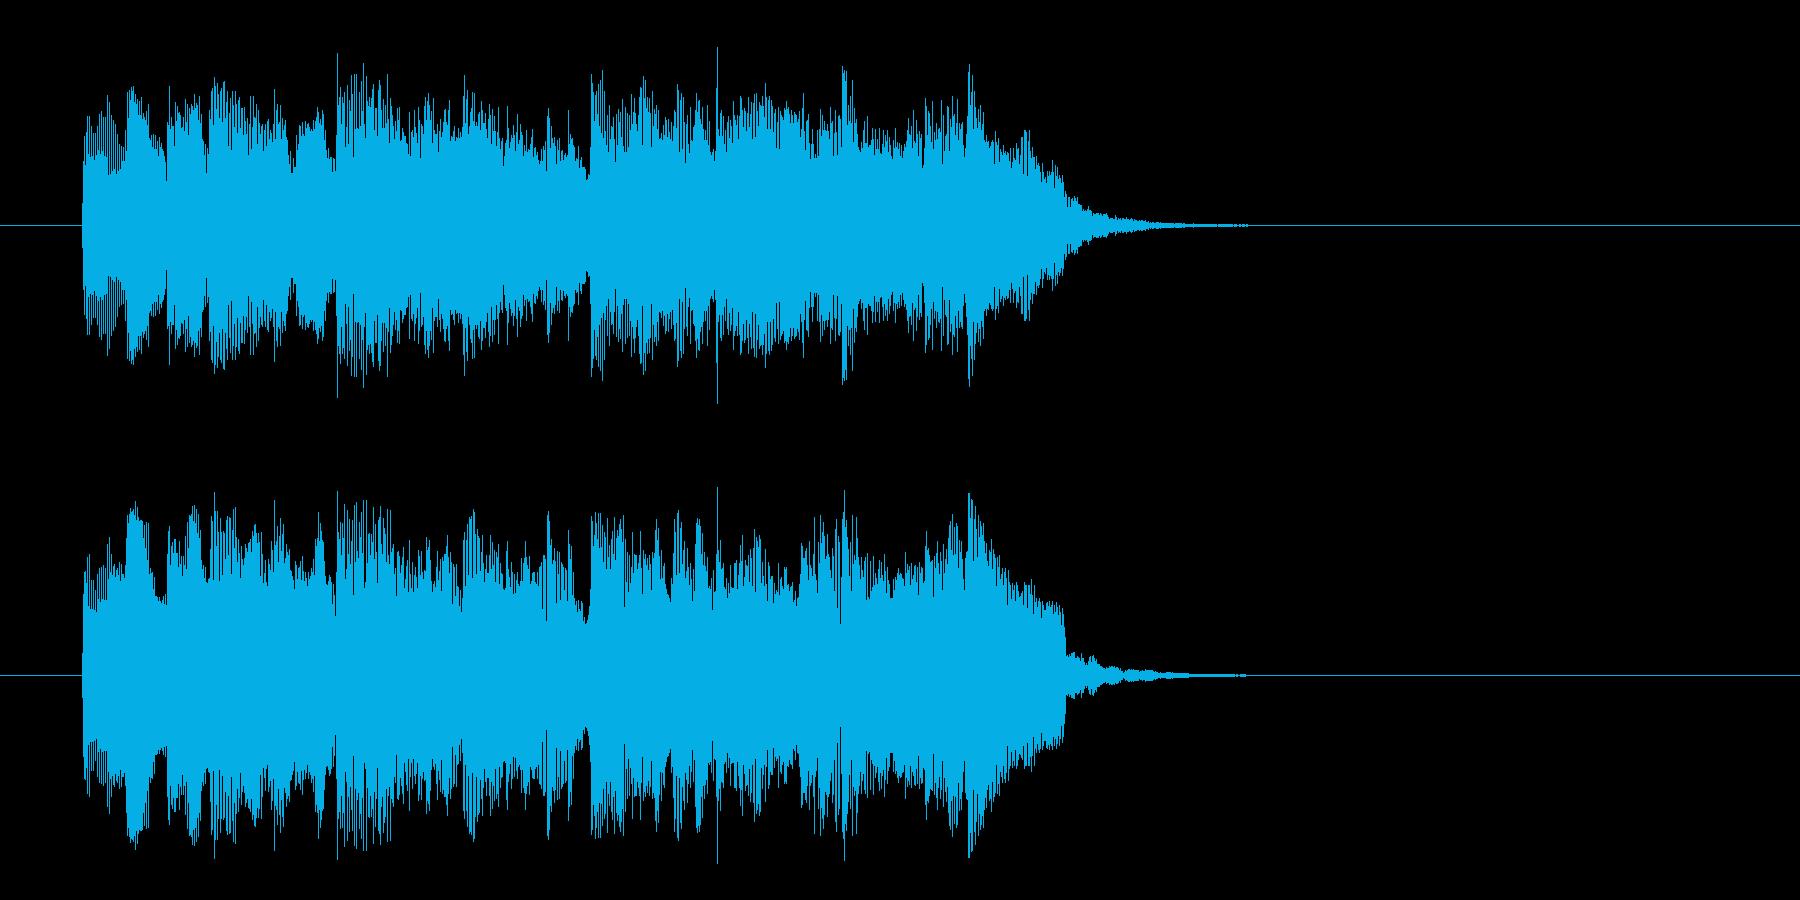 ほのぼのアコースティック調ジングルの再生済みの波形